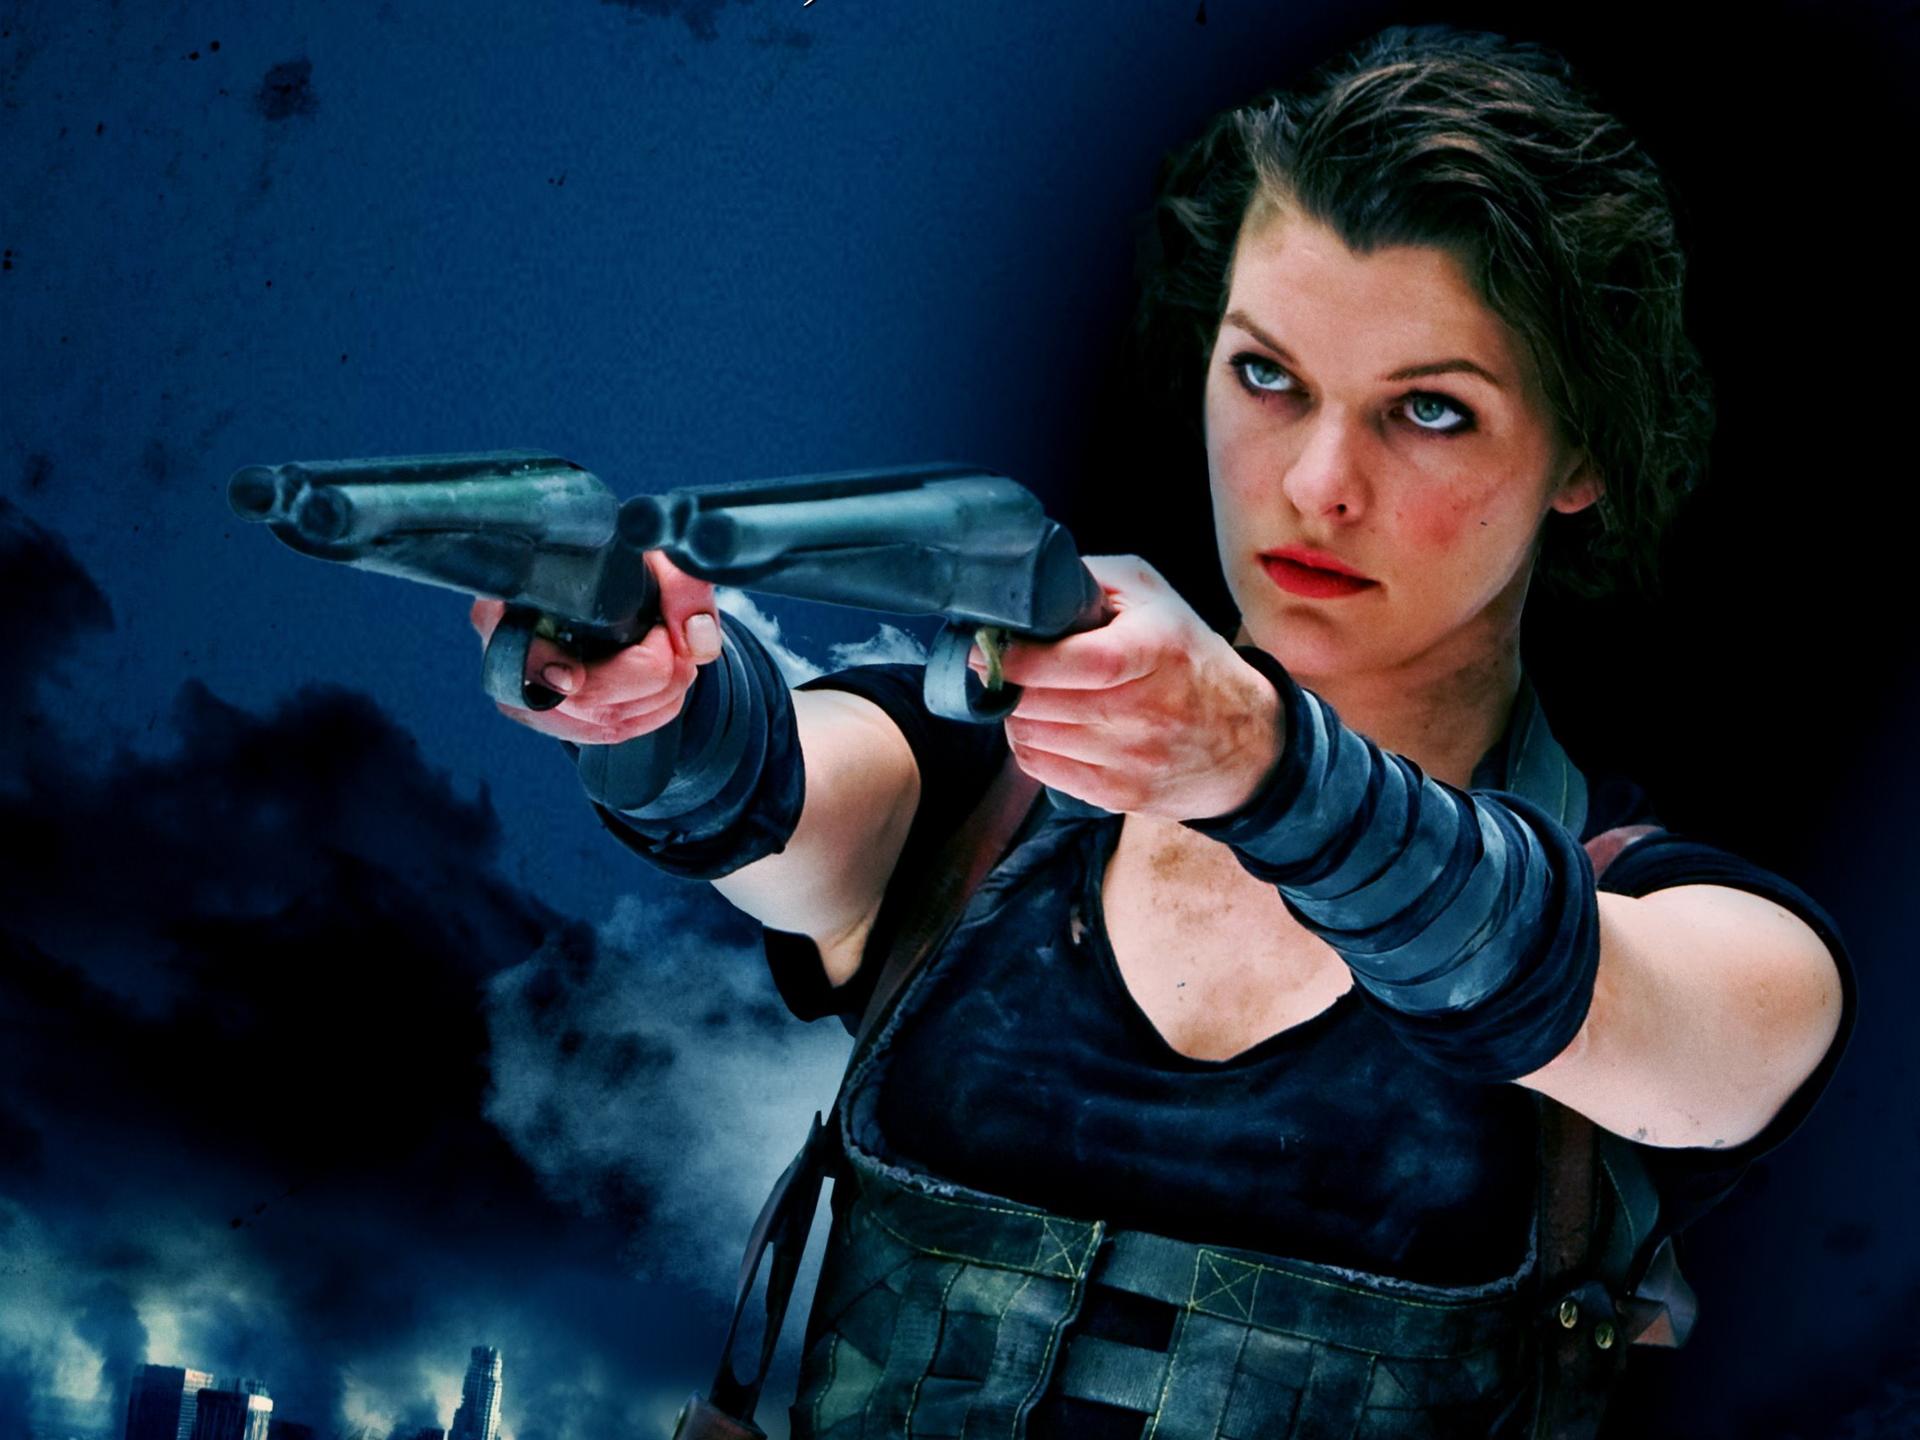 Can Resident evil movie girl